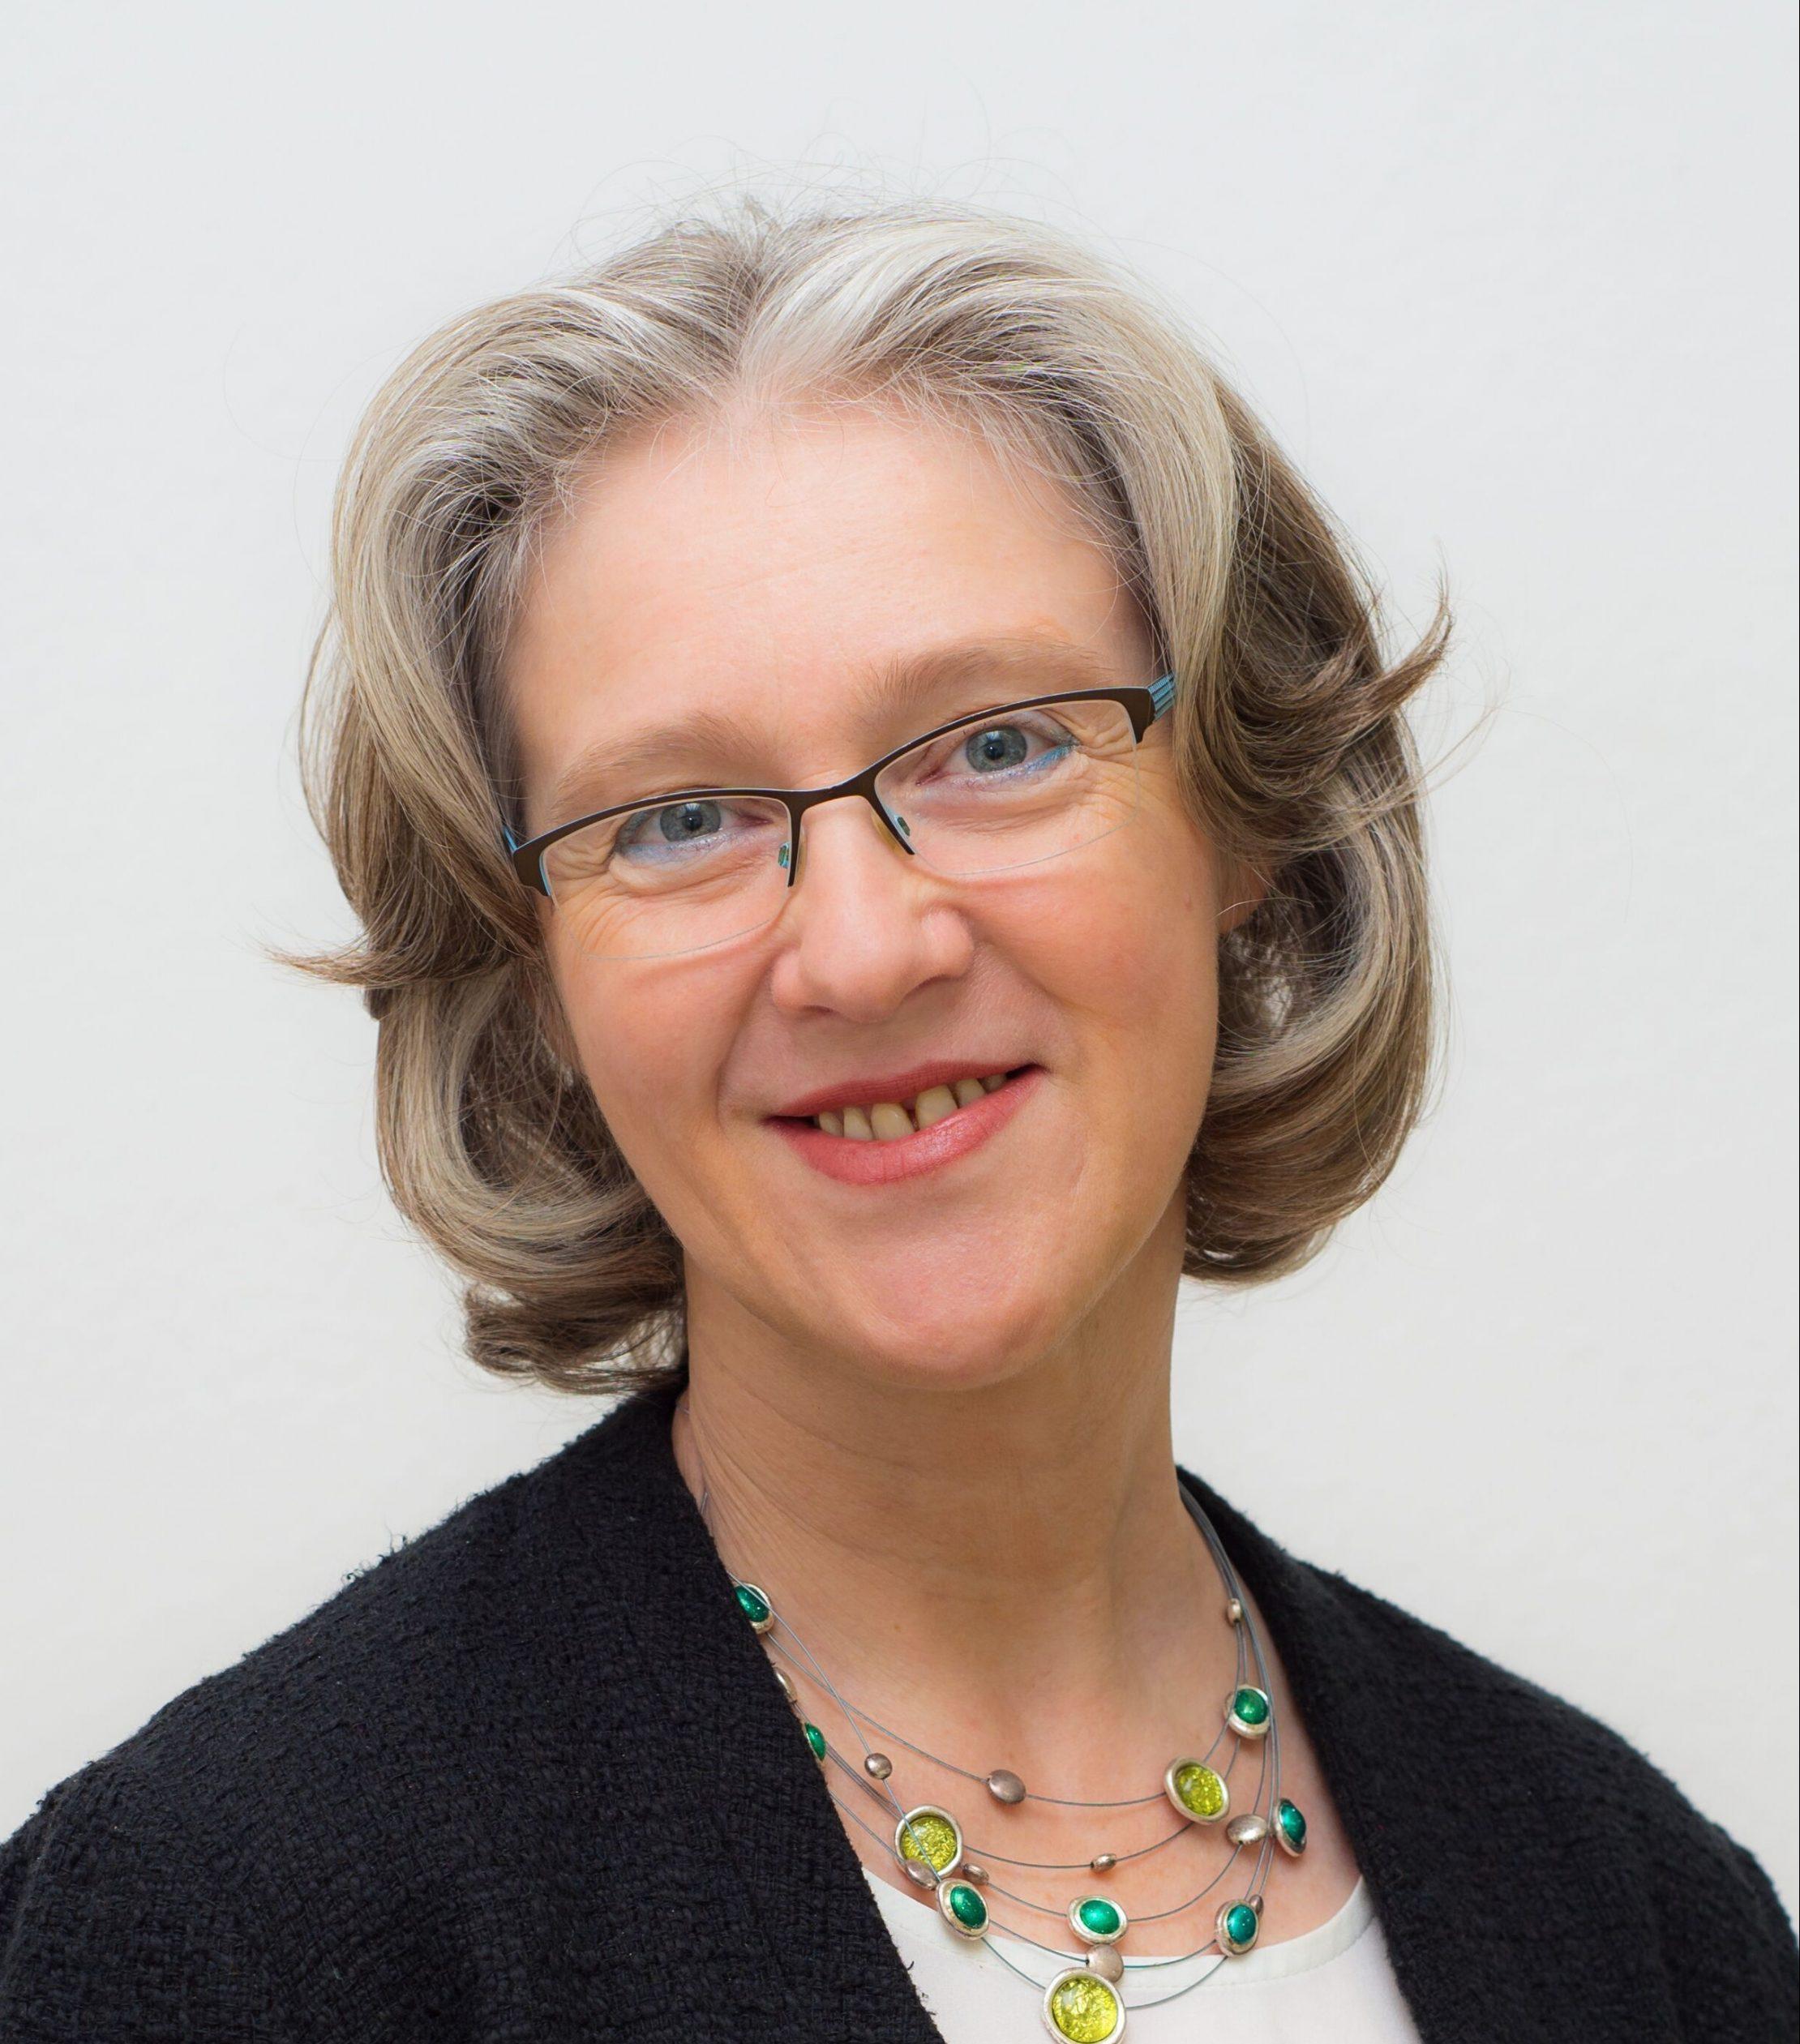 Dr. Cleo Becker